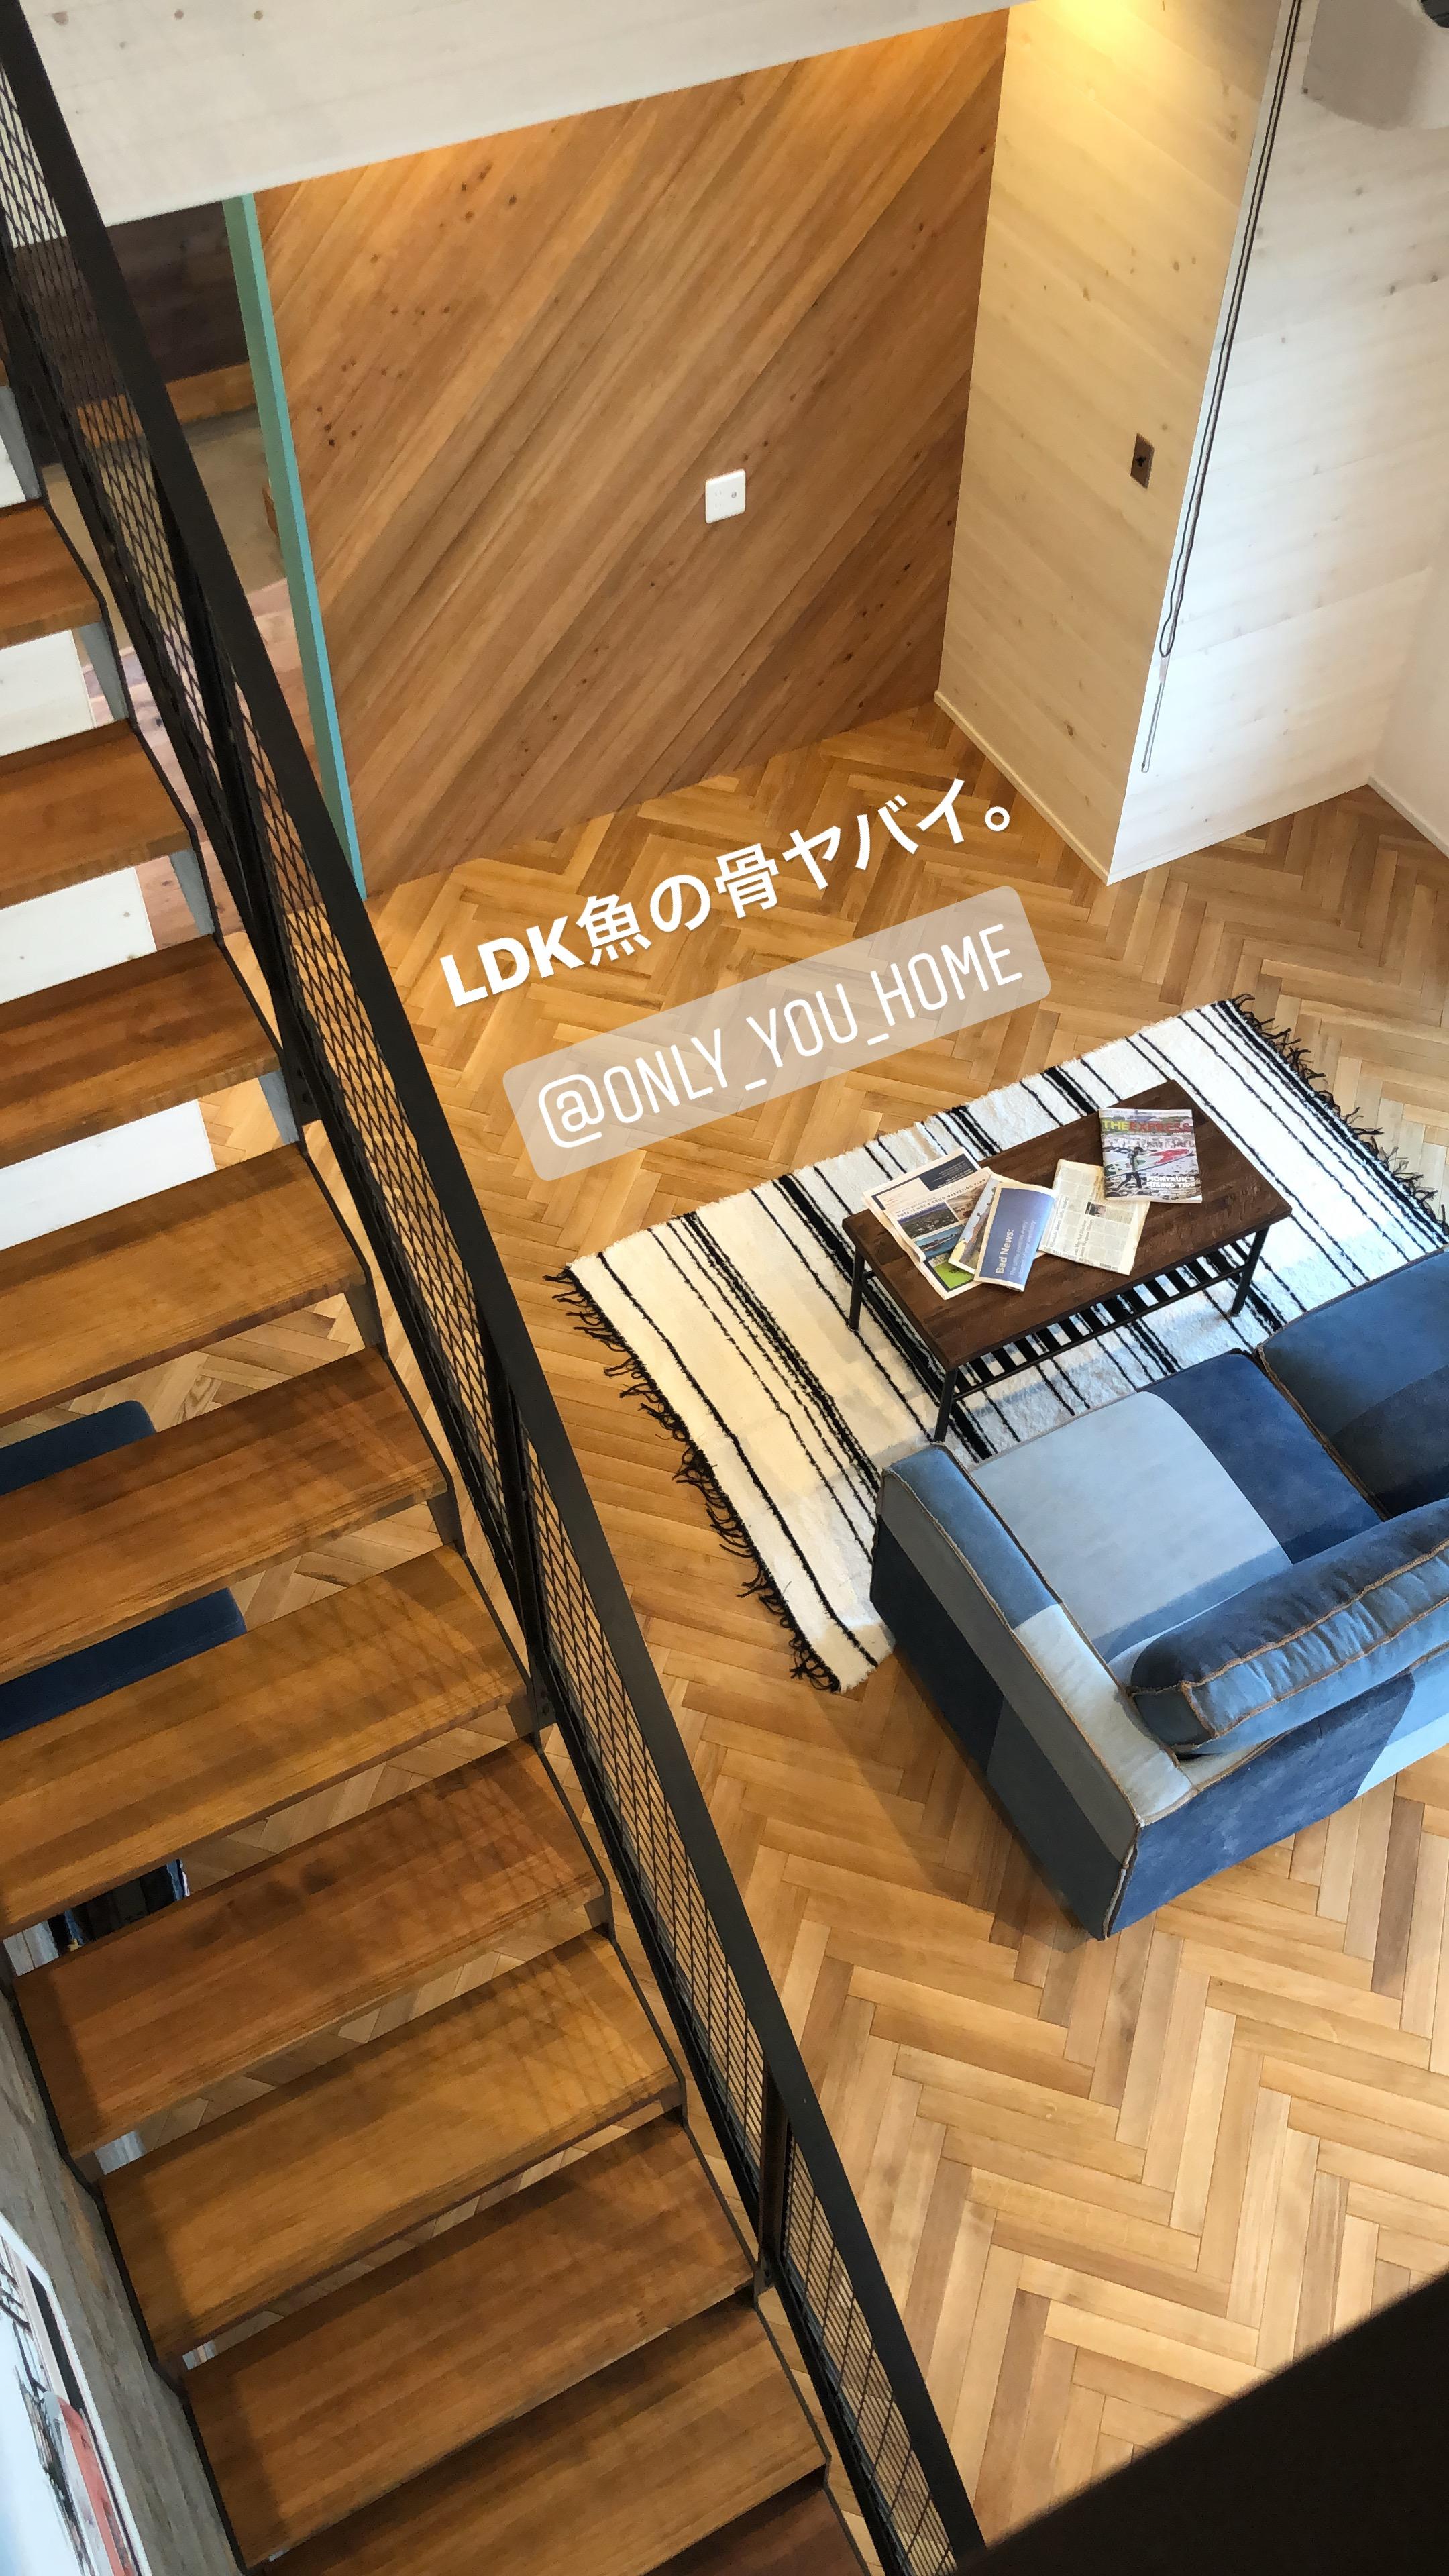 山梨県の工務店、未来建築工房とつくる注文住宅。|千葉県のオンリーユーホームへ行って来ました。